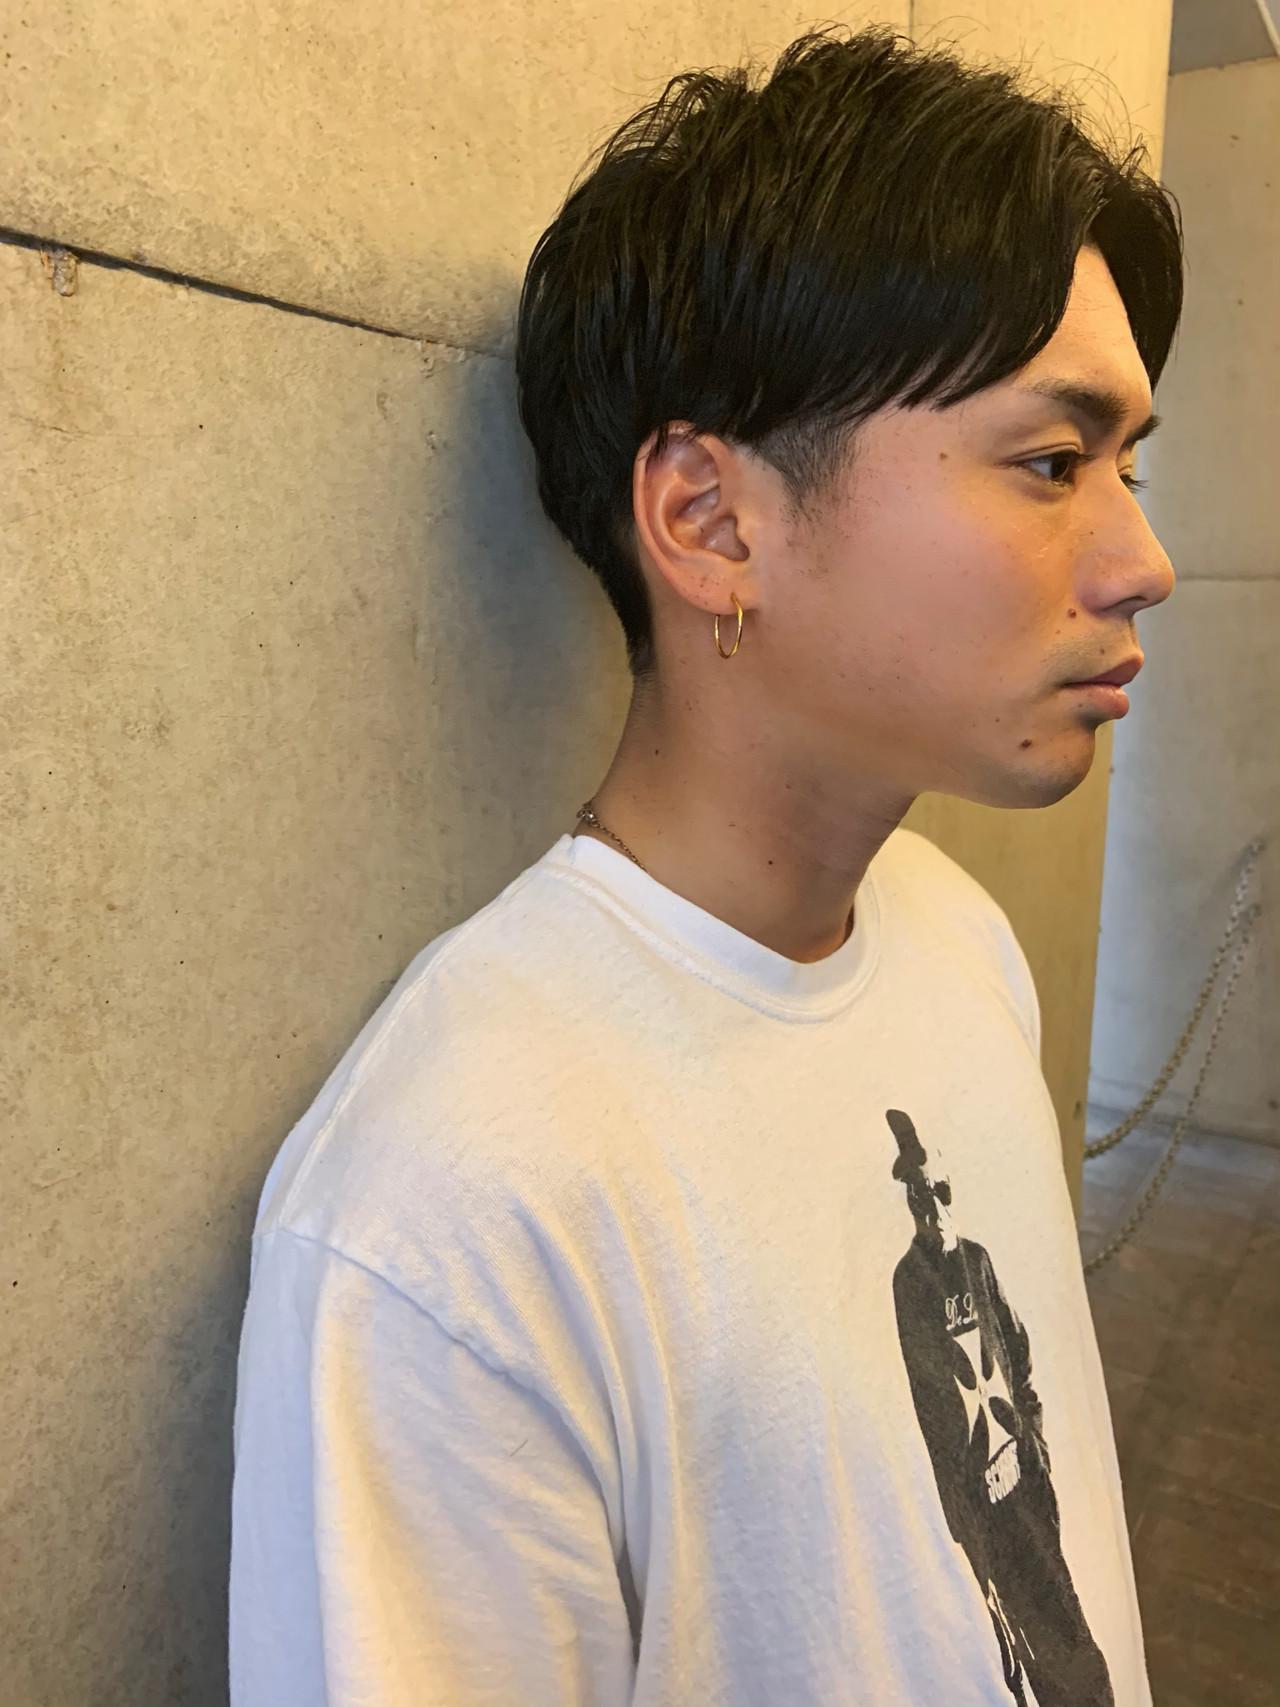 メンズカット メンズマッシュ センターパート メンズスタイル ヘアスタイルや髪型の写真・画像